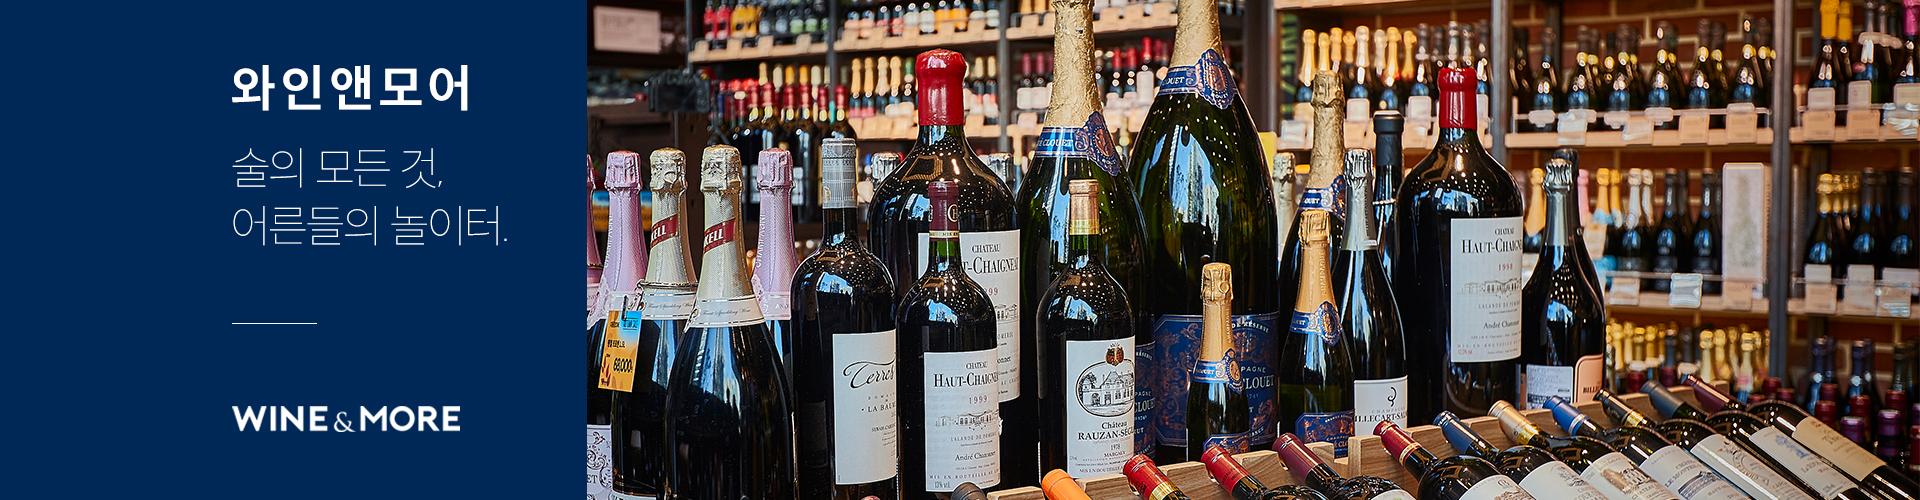 와인앤모어 대표이미지1